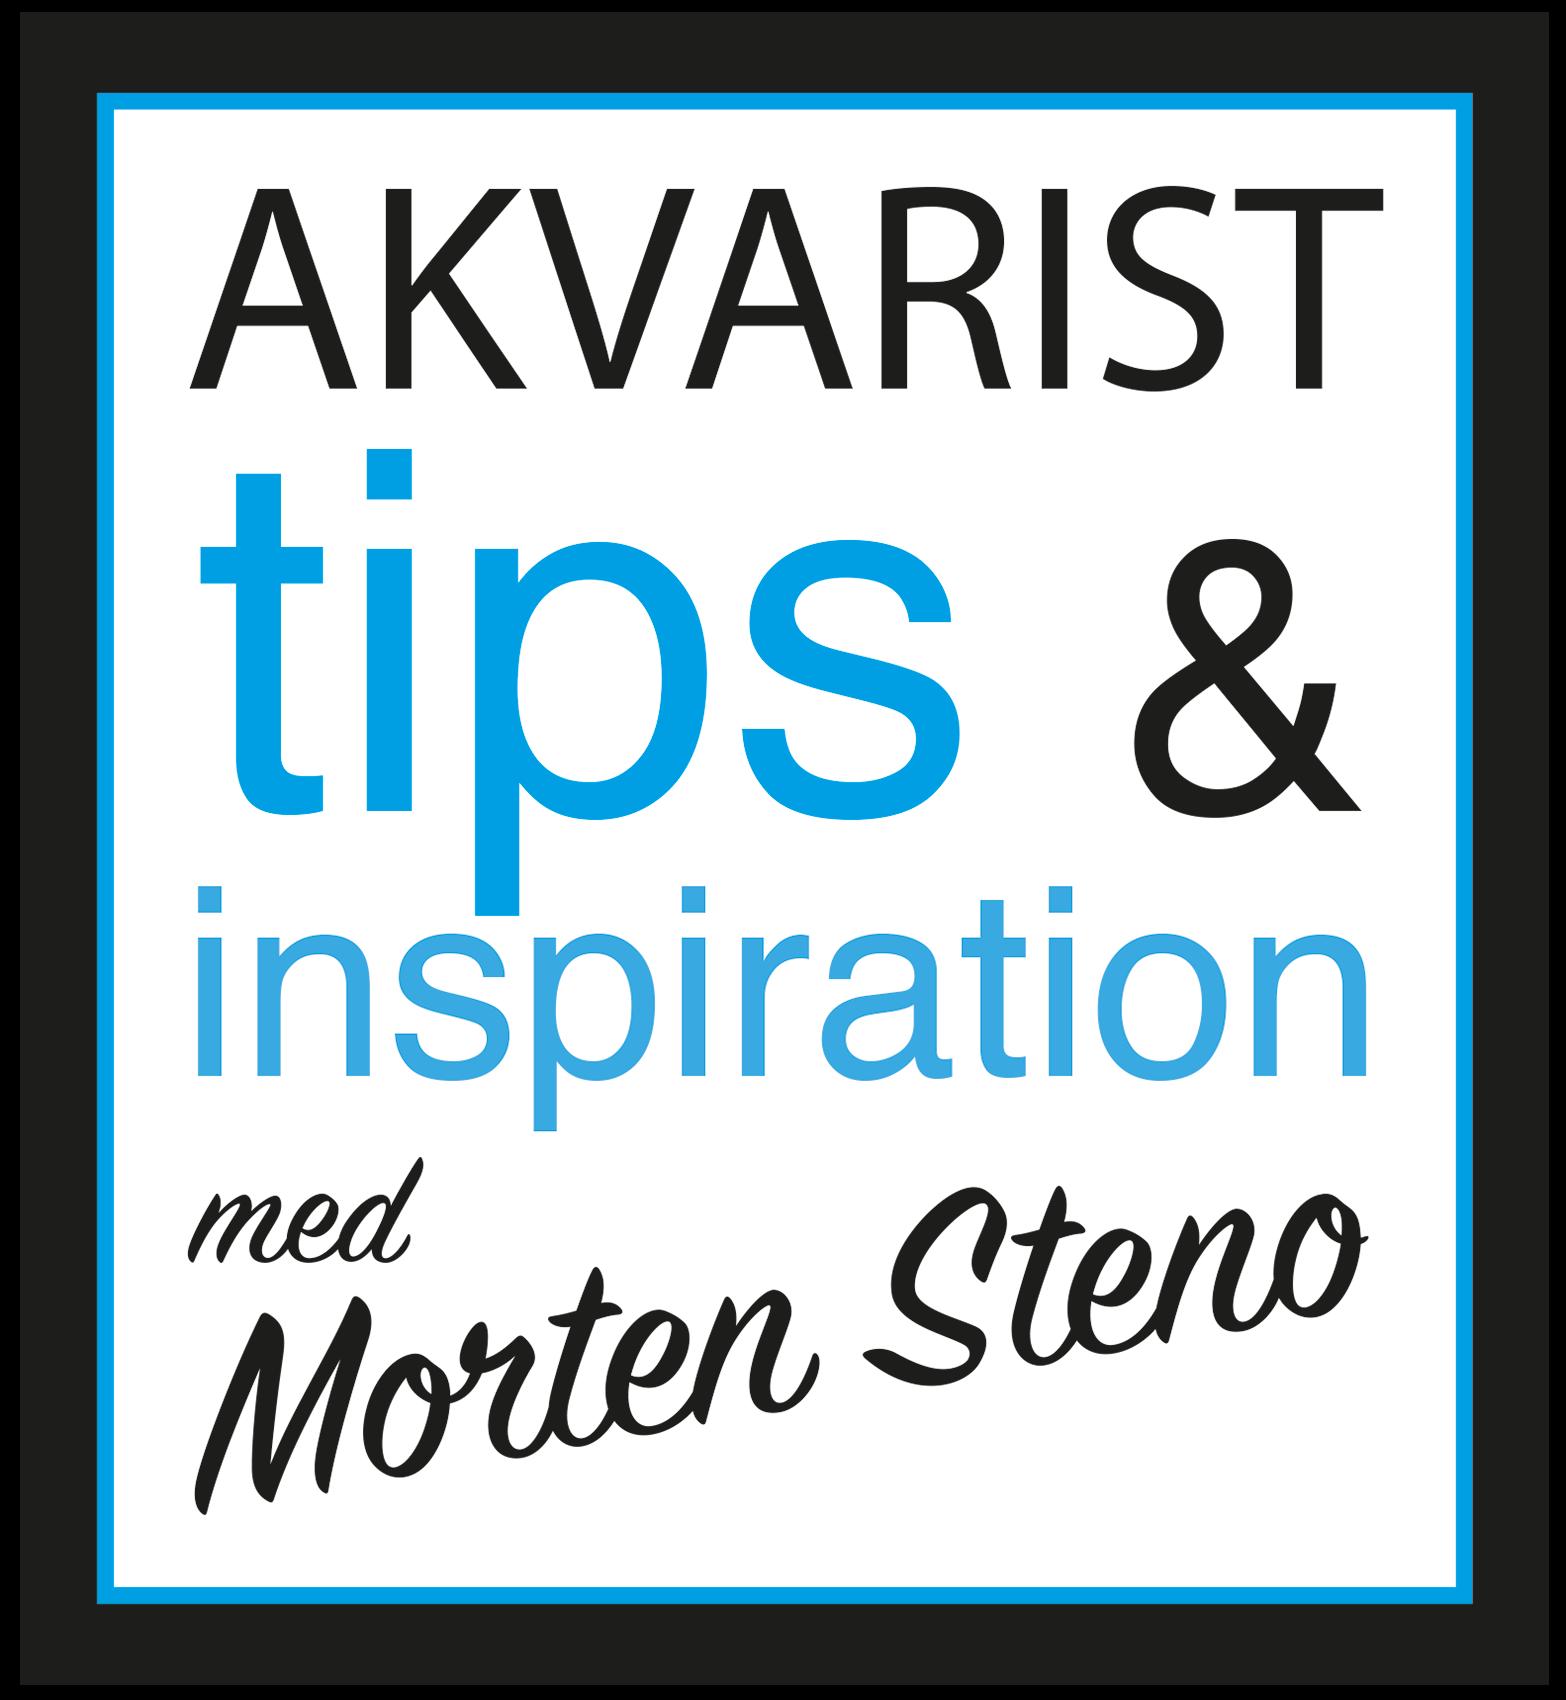 Akvarist tips og inspiration med Morten Steno - logo 1700 px logo